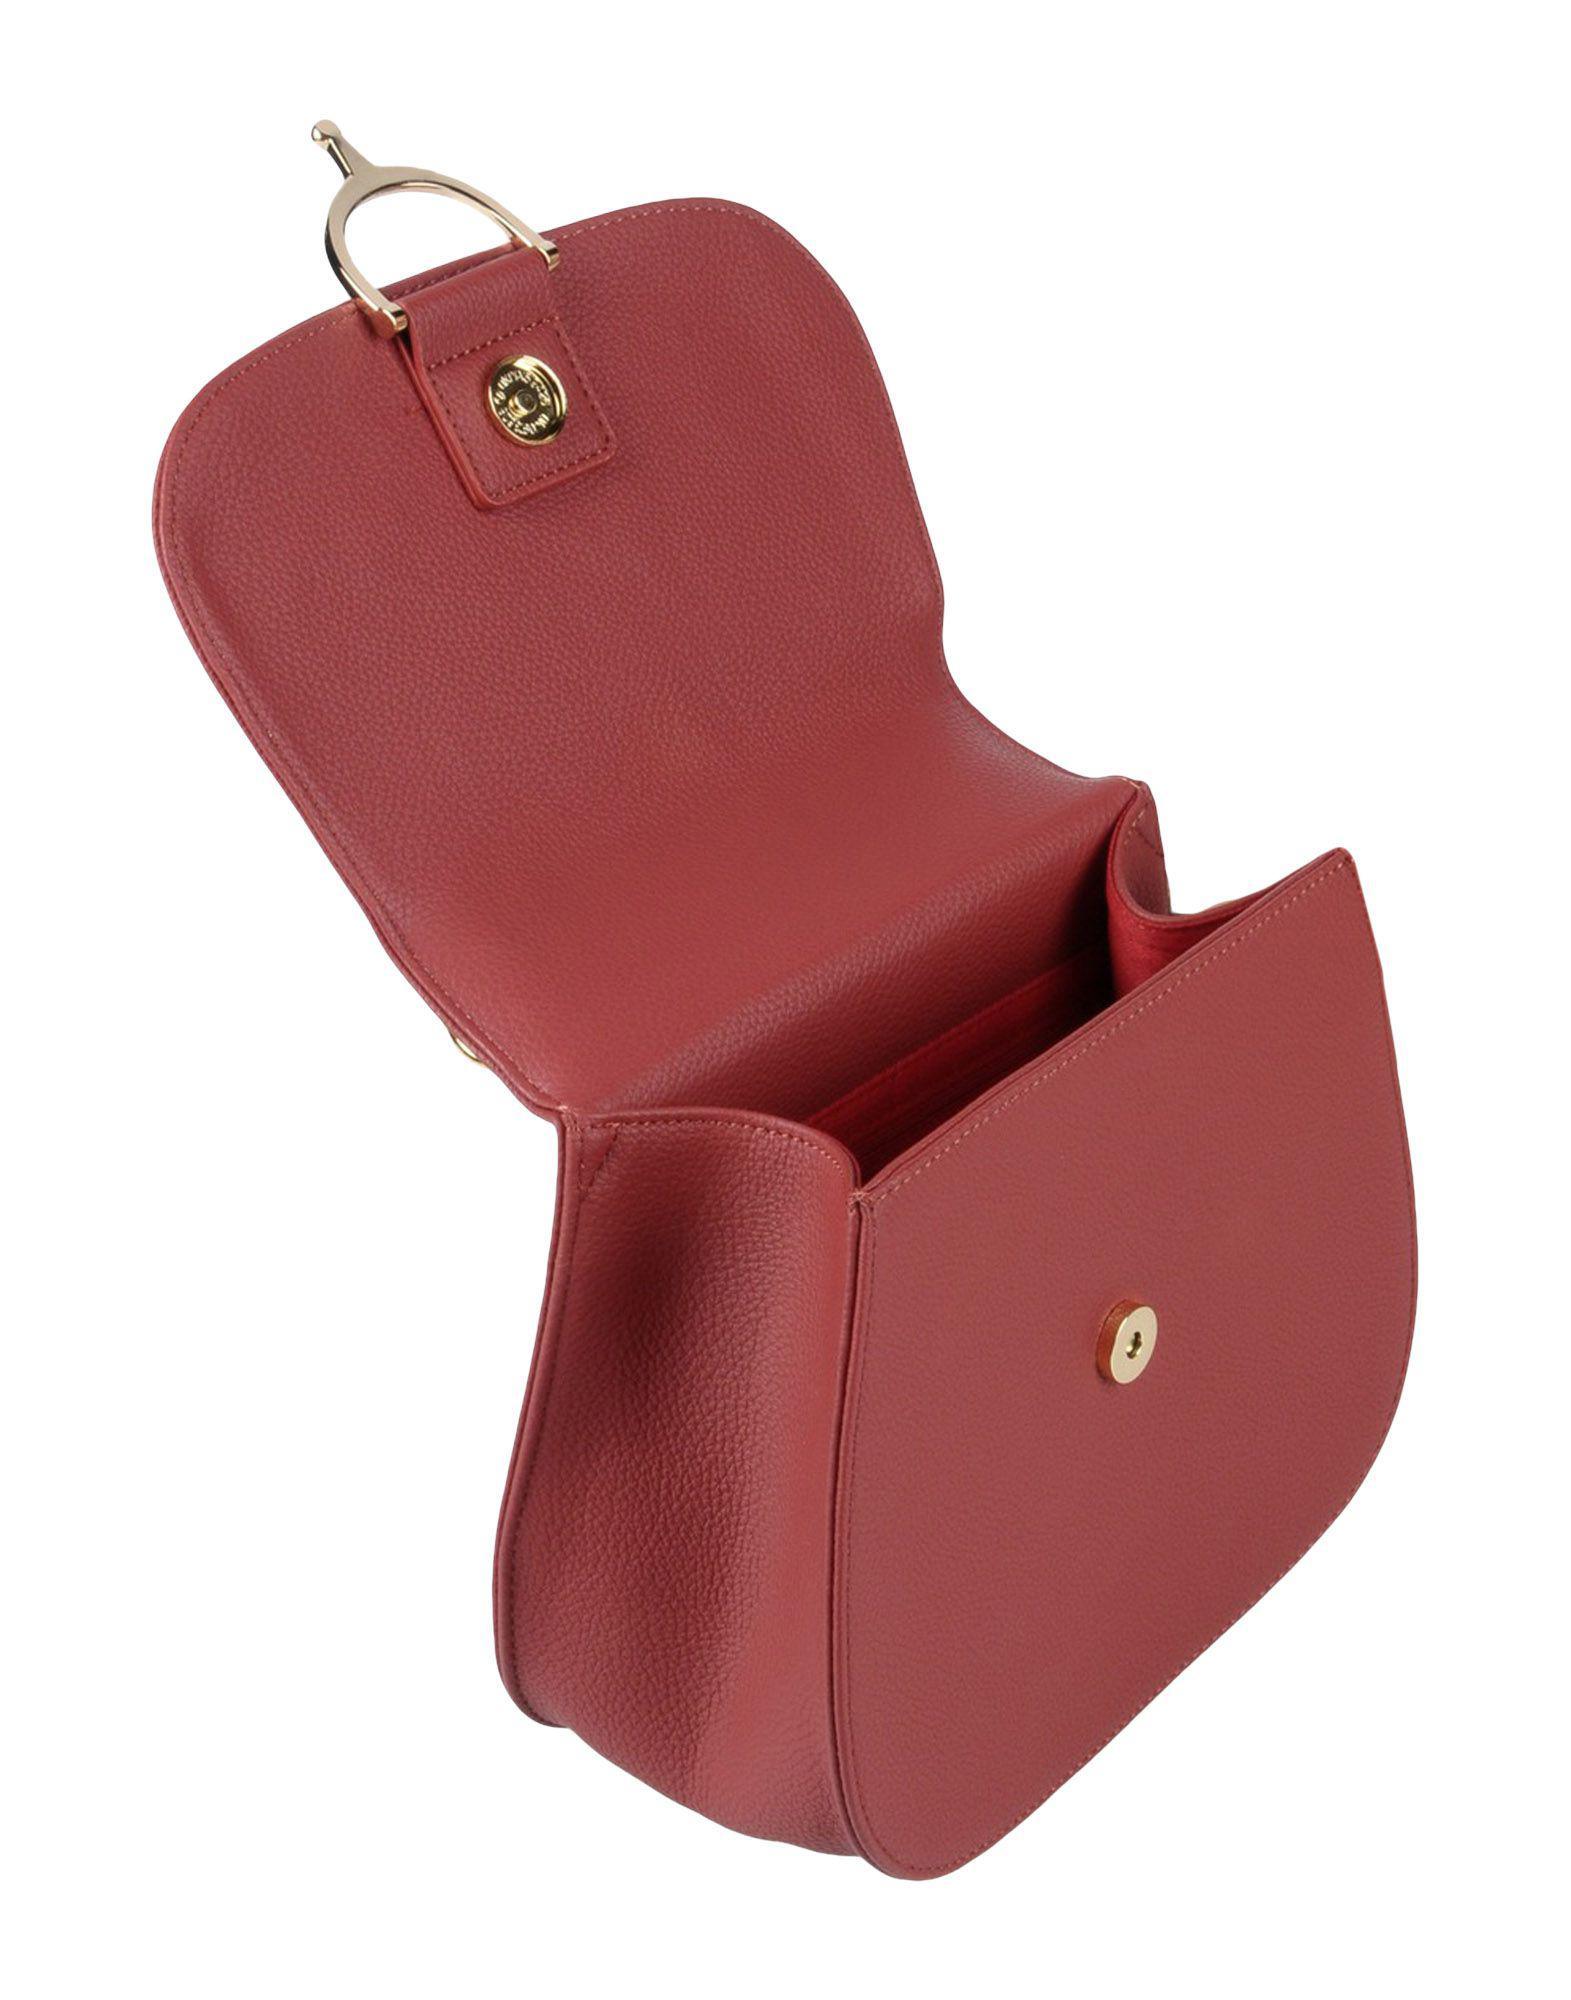 Pomikaki Cross-body Bag in Brick Red (Red)